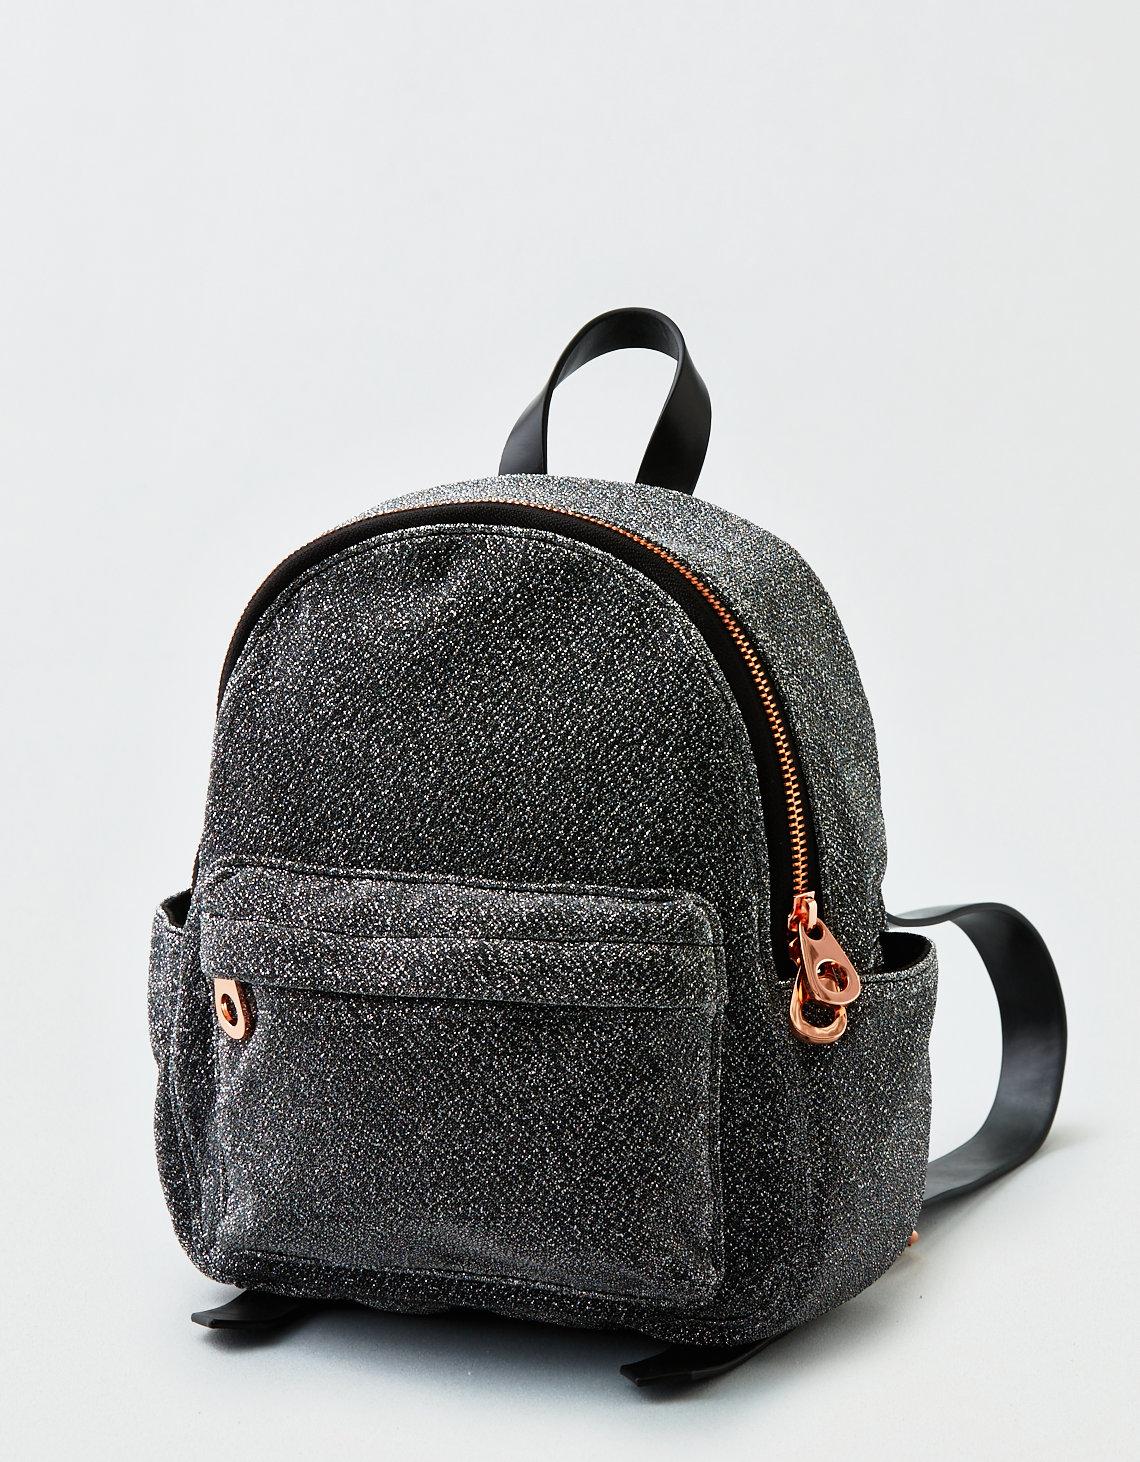 Рюкзак olli мяу школьный рюкзак в днепропетровске